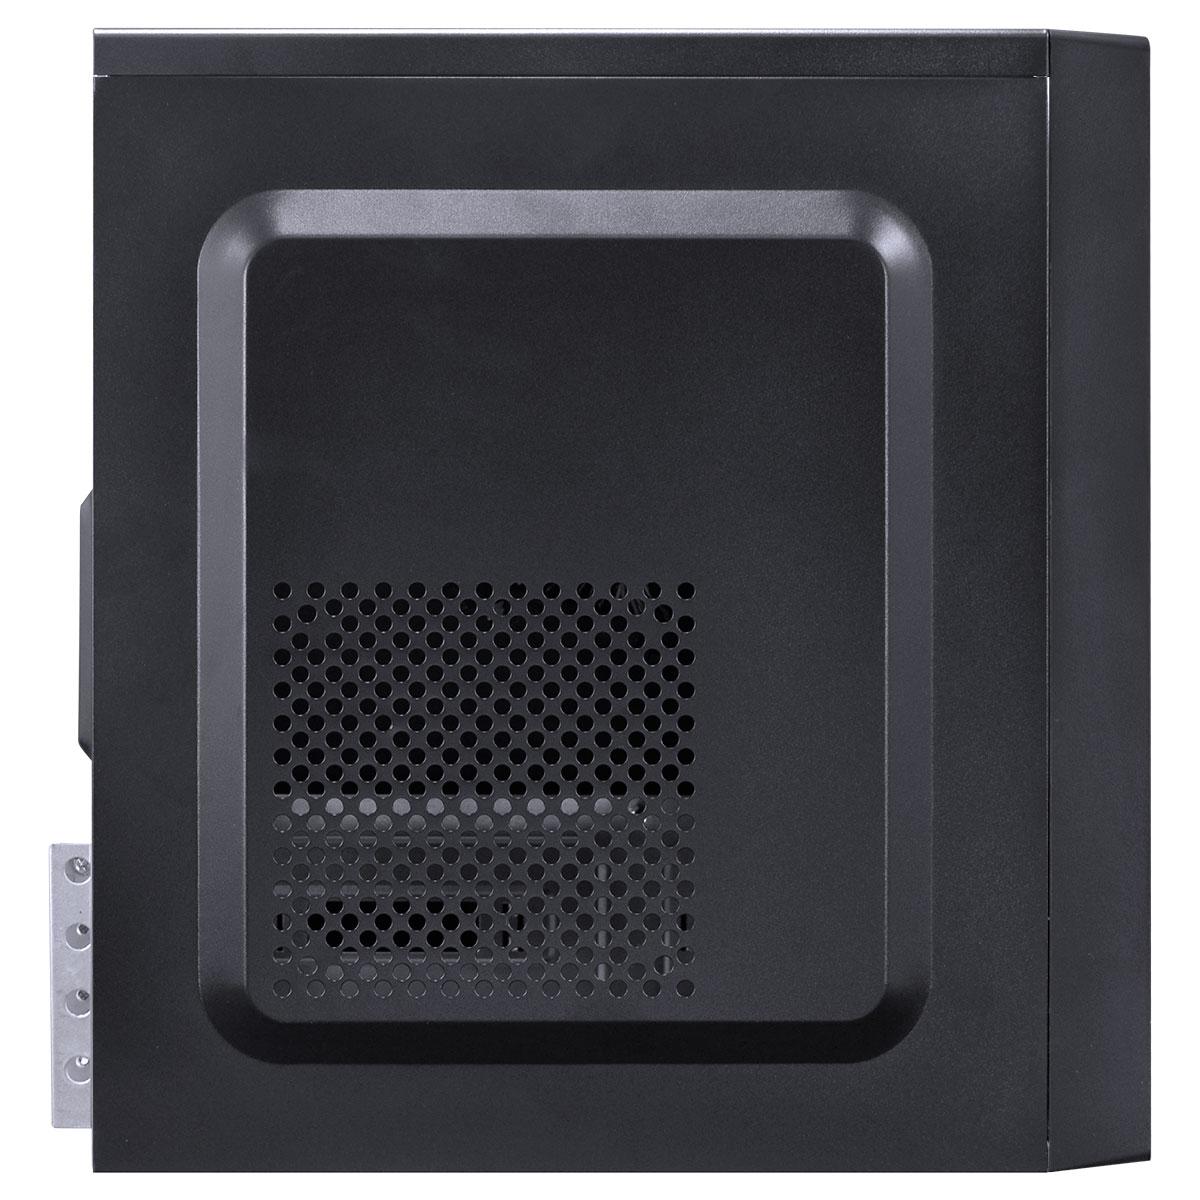 COMPUTADOR BUSINESS B300 - I3 4130 3.4GHZ 4GB DDR3 HD 500GB HDMI/VGA FONTE 200W